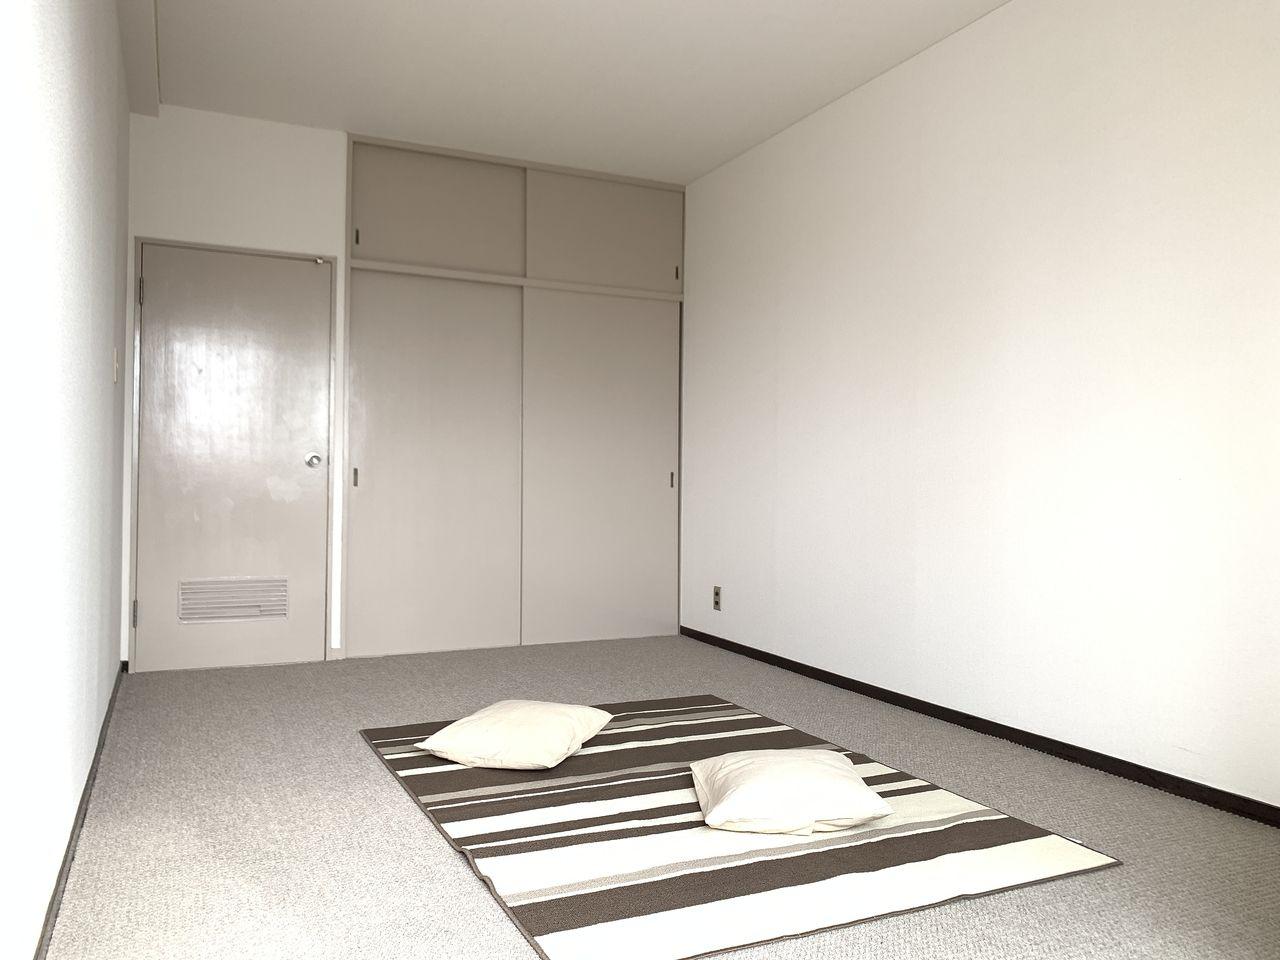 ハイツ富士401号室寝室の写真です